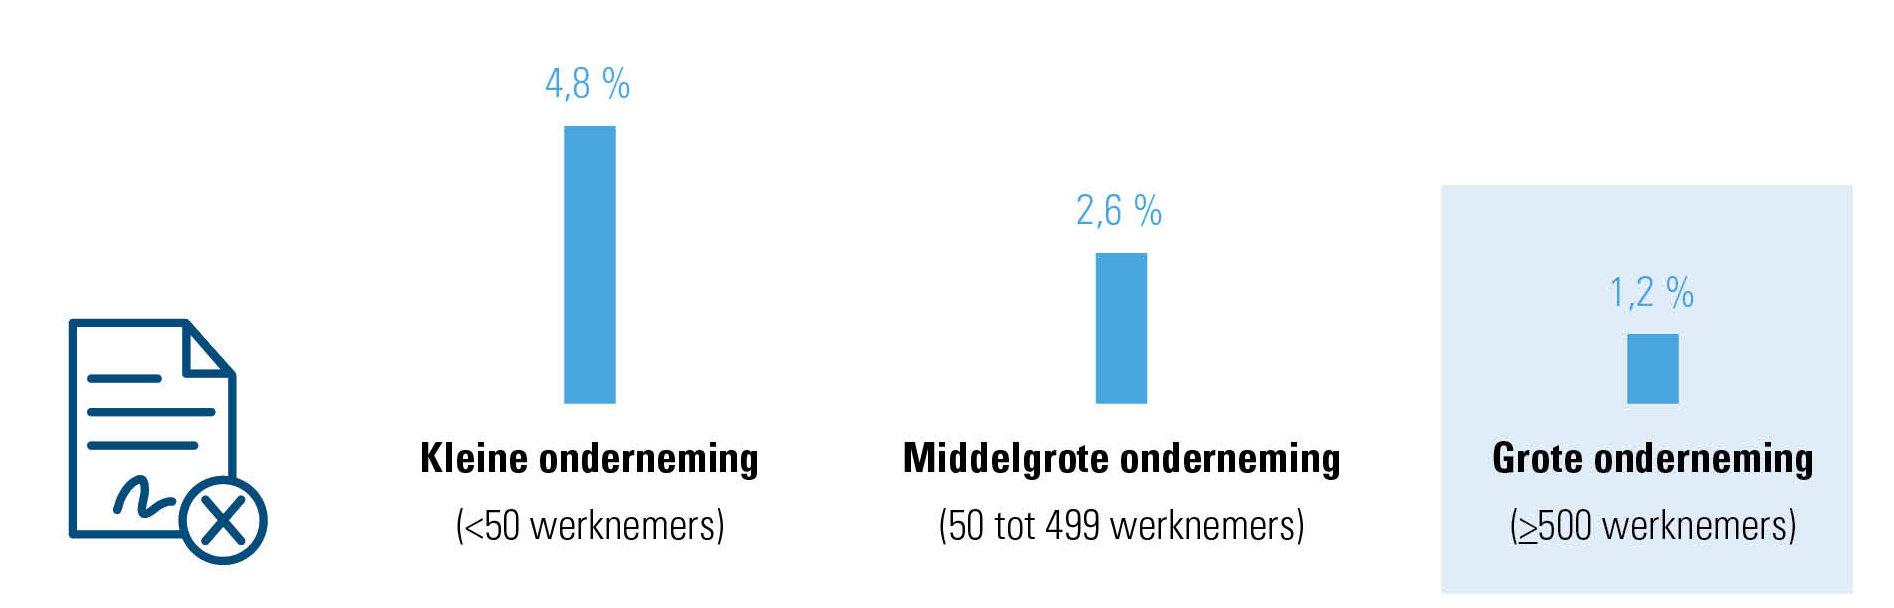 % einde contracten onbepaalde duur door werkgever, volgens grootte onderneming